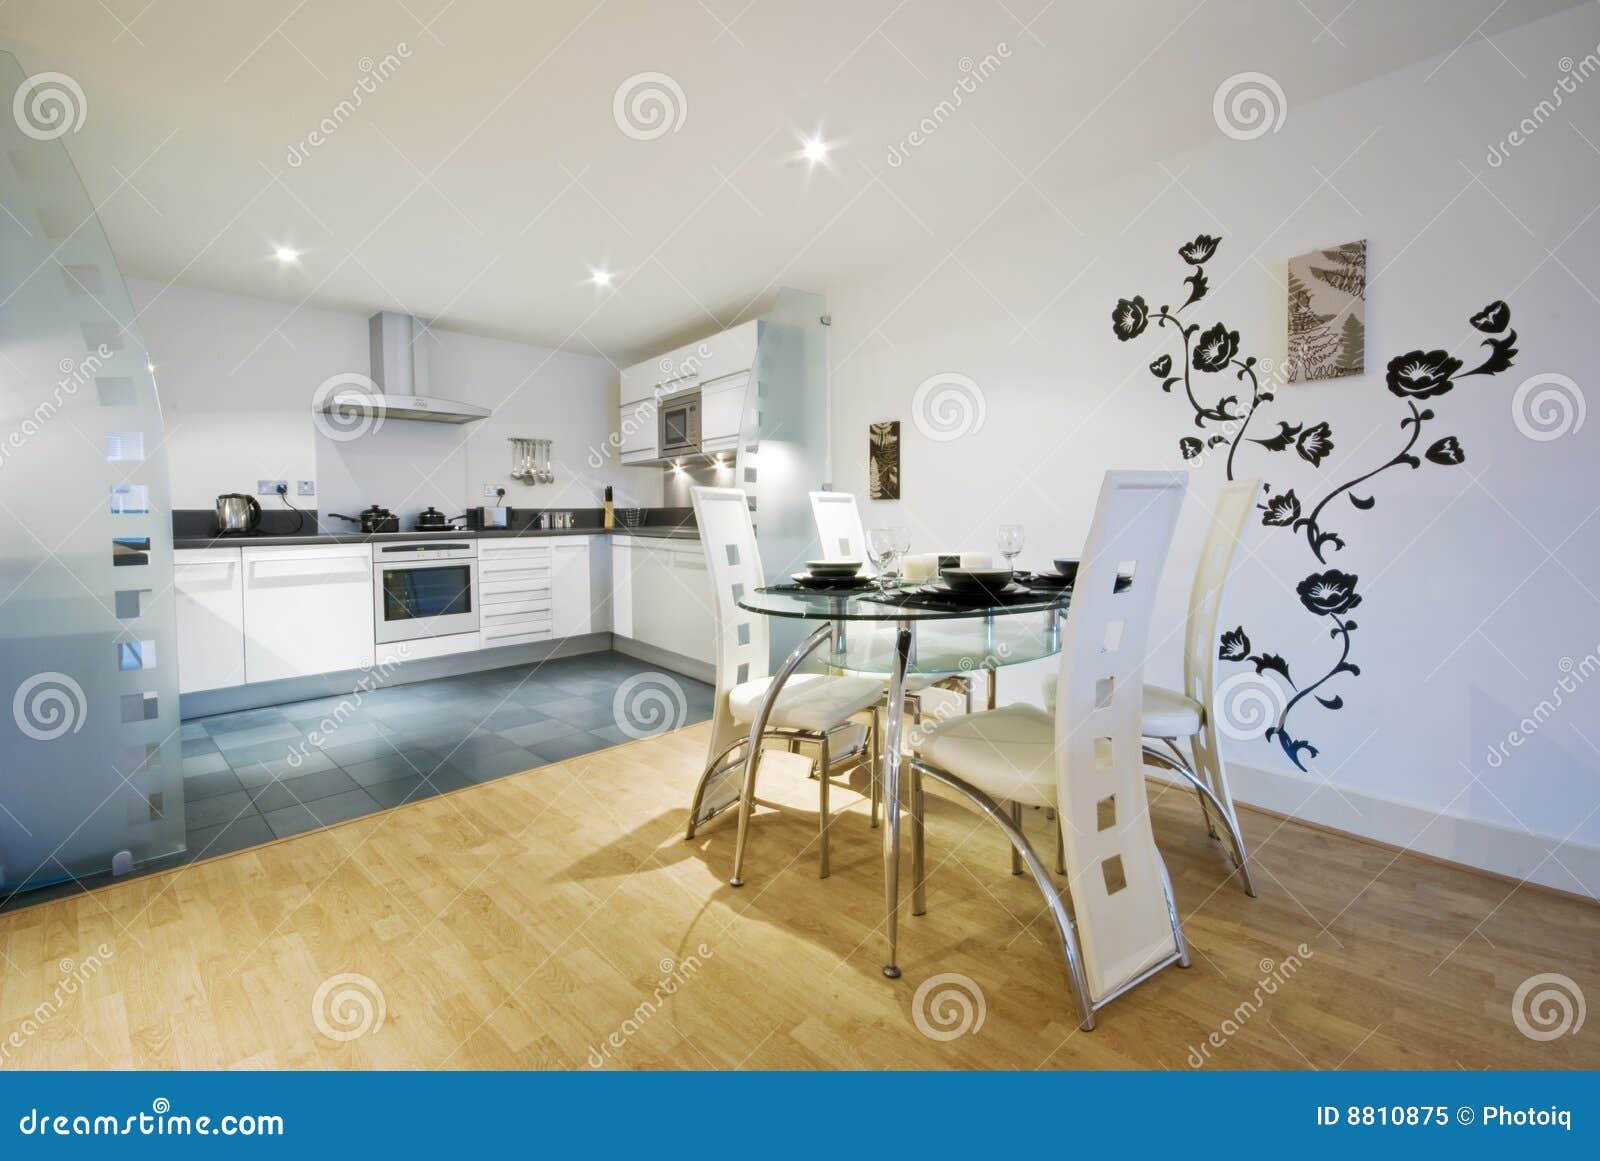 Cucina E Sala Da Pranzo Del Progettista Immagine Stock